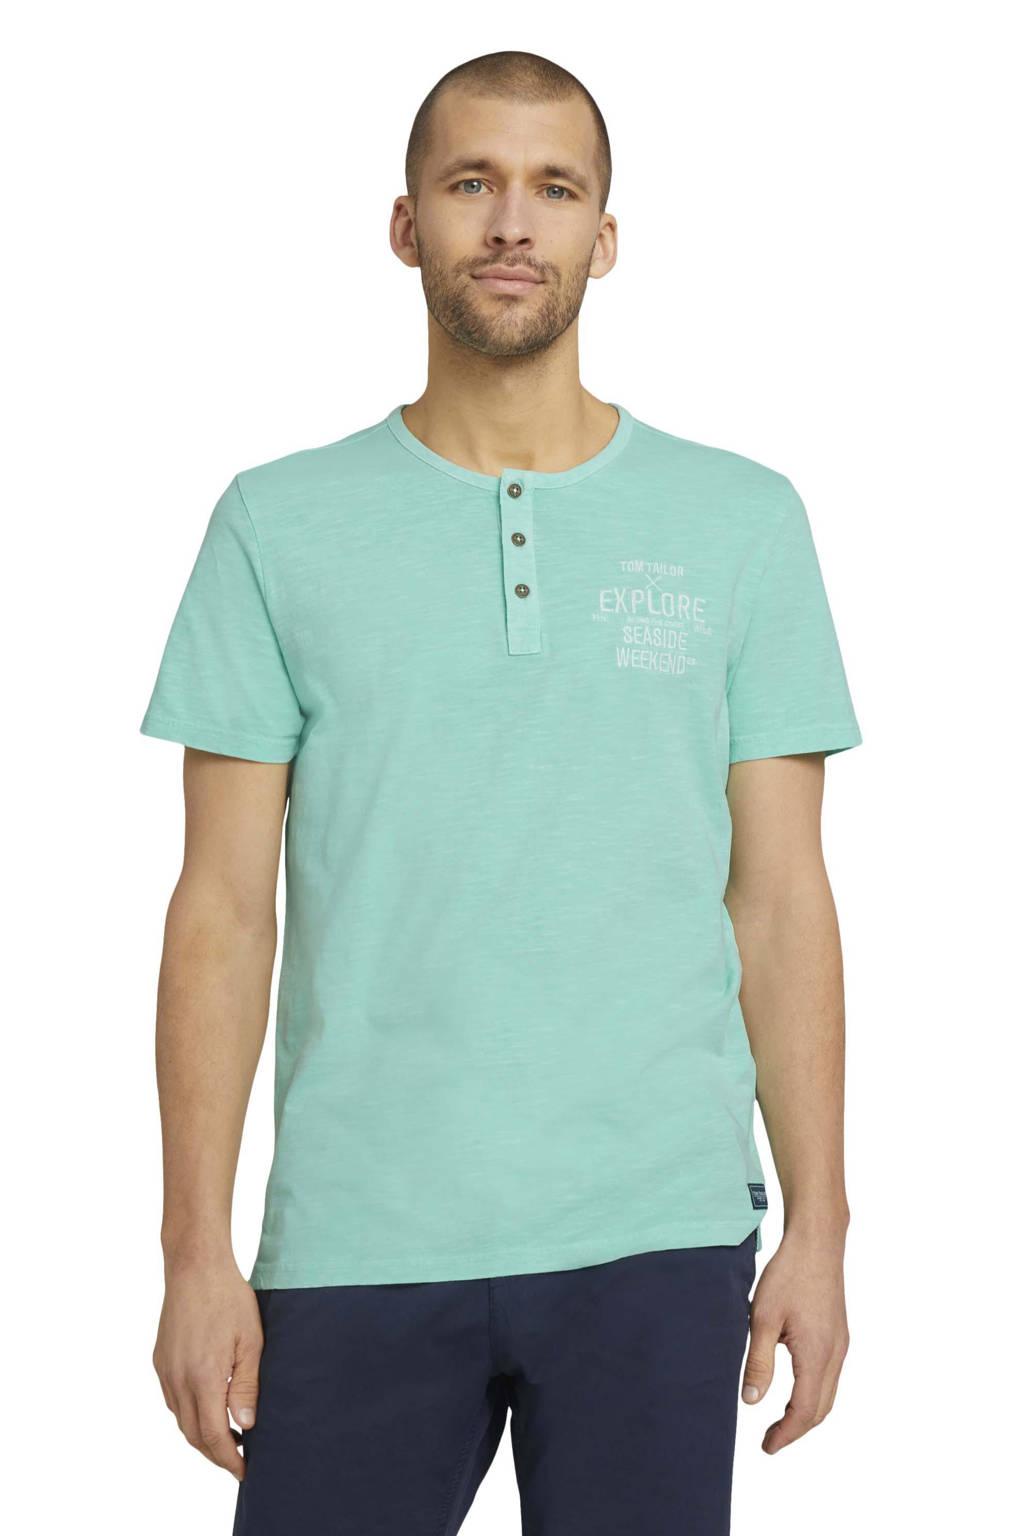 Tom Tailor gemêleerd T-shirt groen, Groen